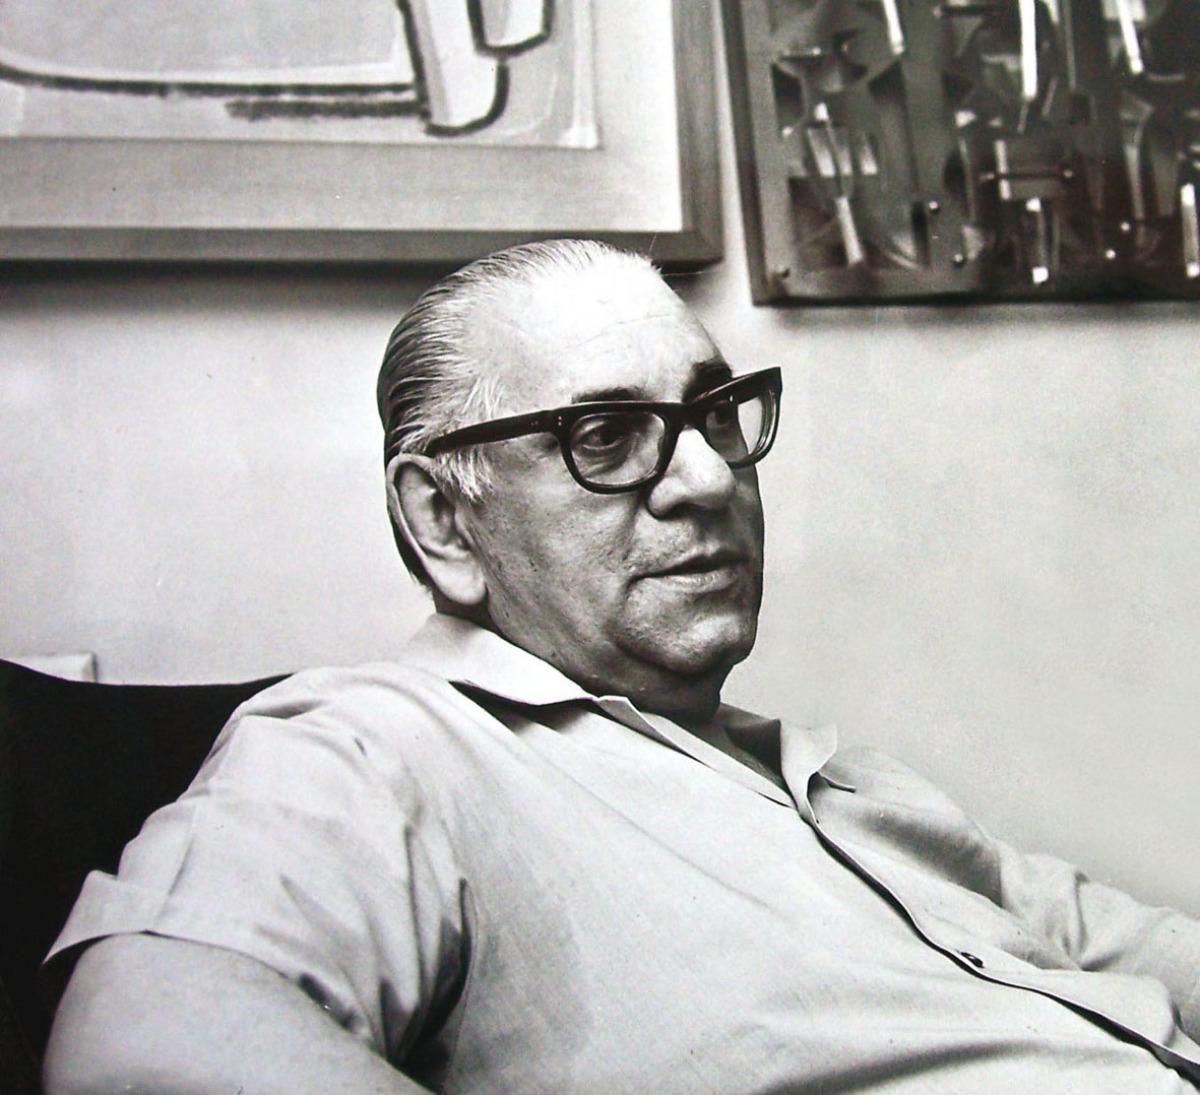 Luís Seoane